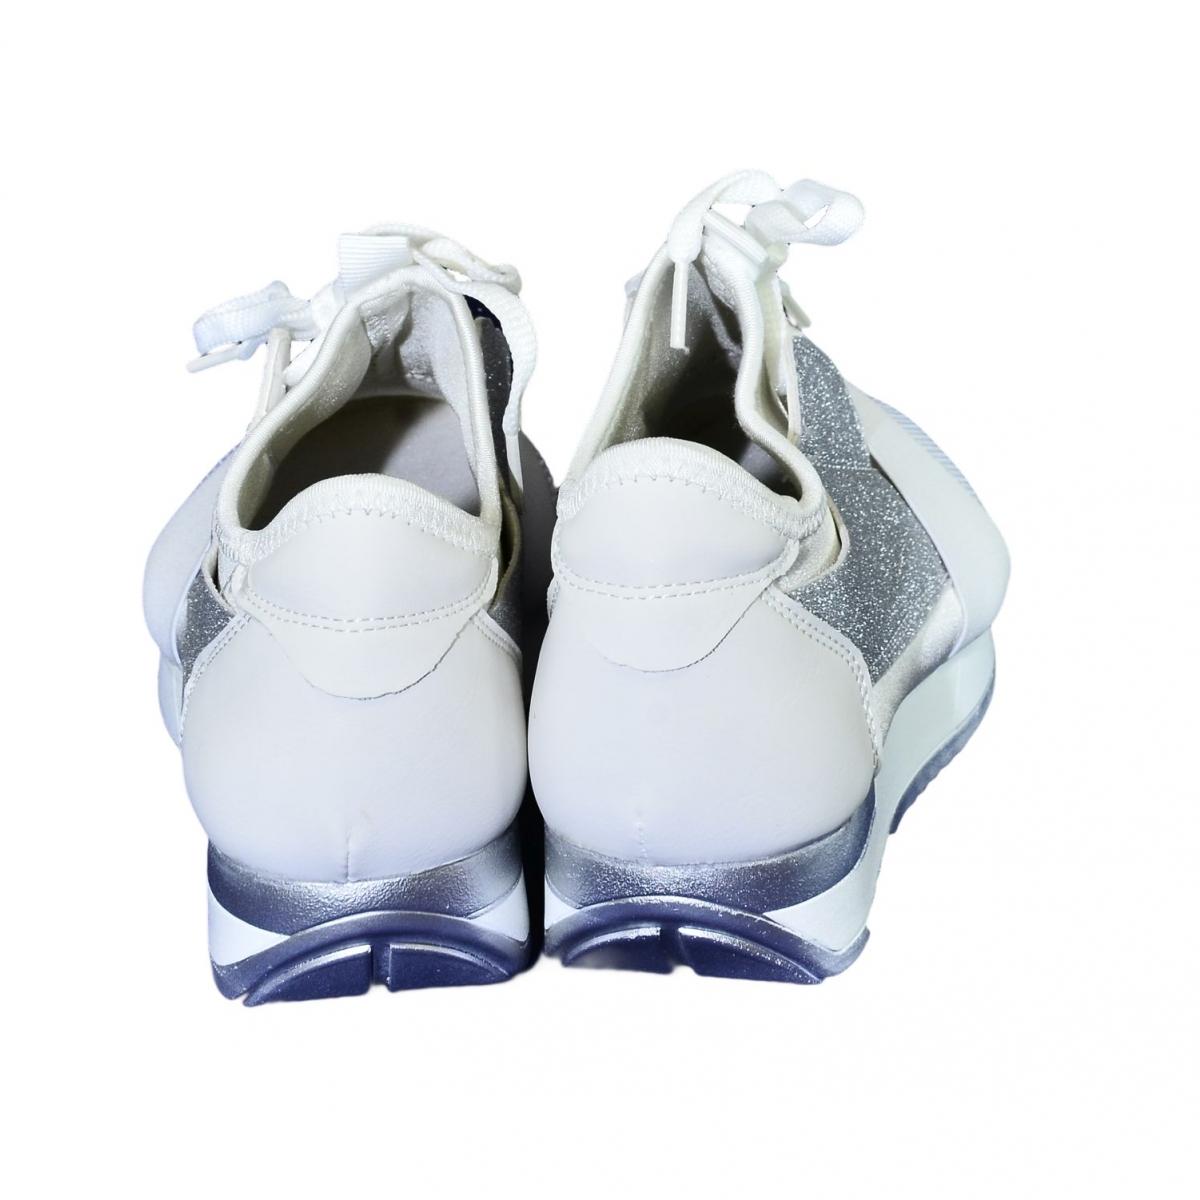 cd94603b3196 Dámske bielo-strieborné botasky BRIEN - 4